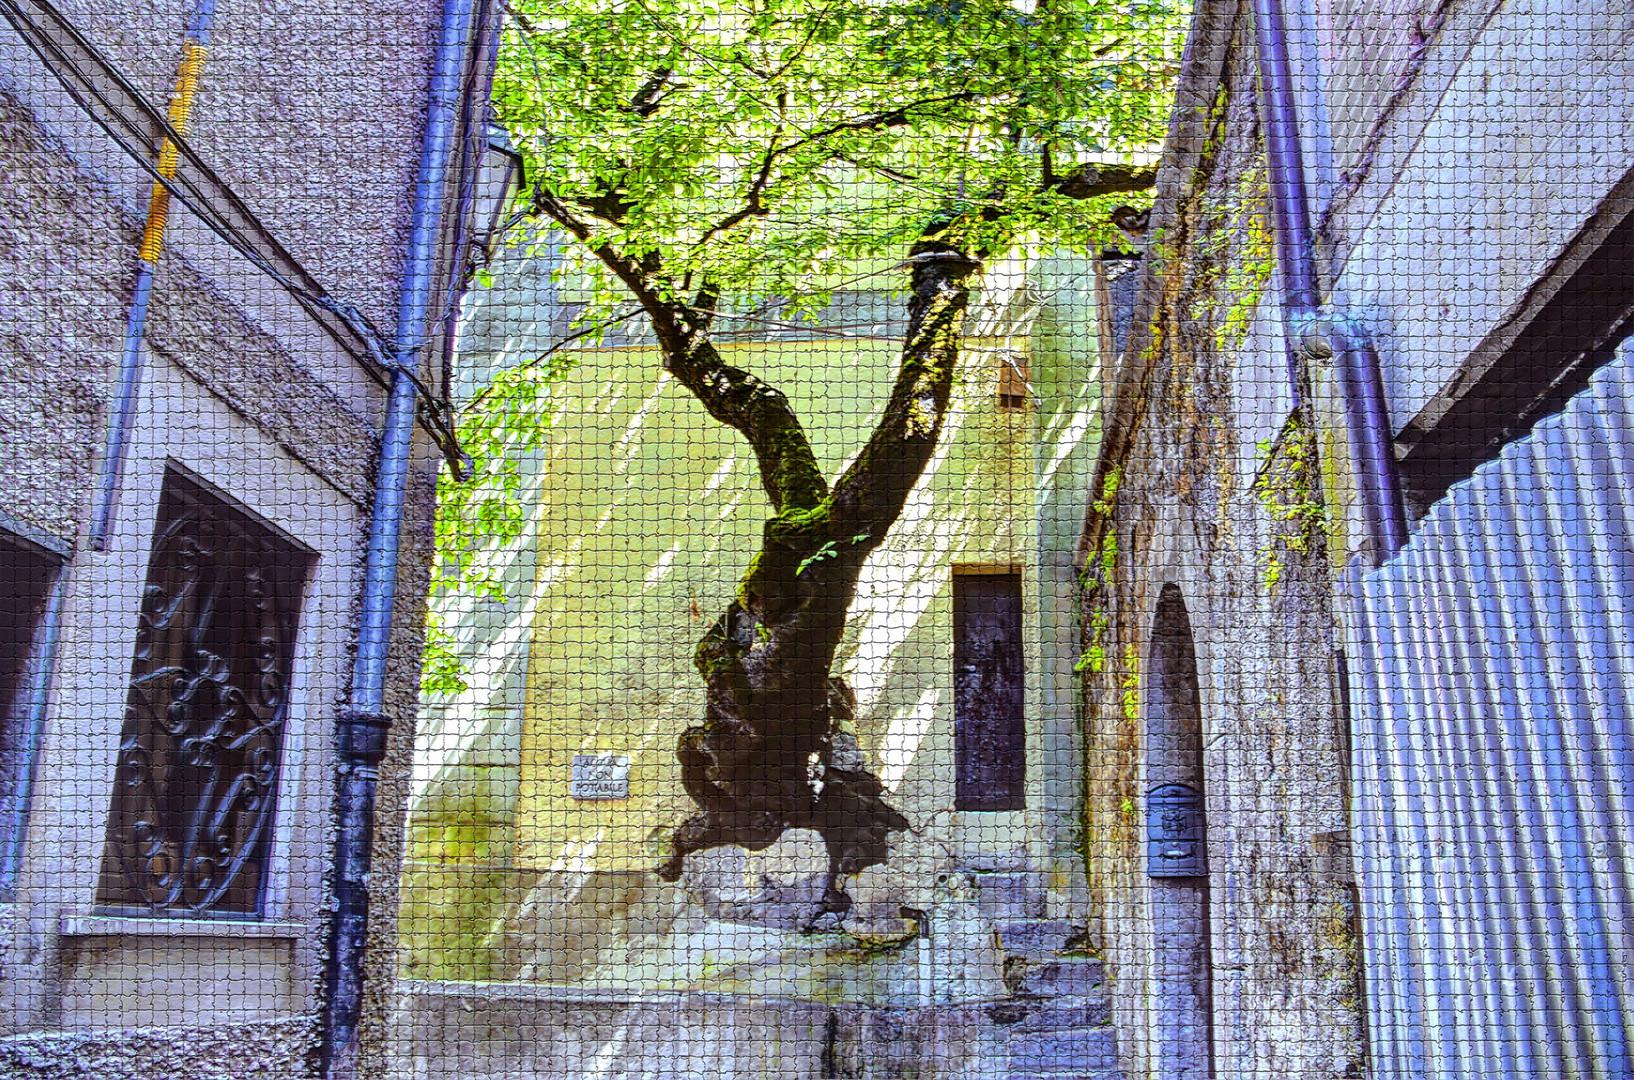 Fiori Bagnoli Irpino : Bagnoli irpino av lalbero sulla fontana foto % immagini piante